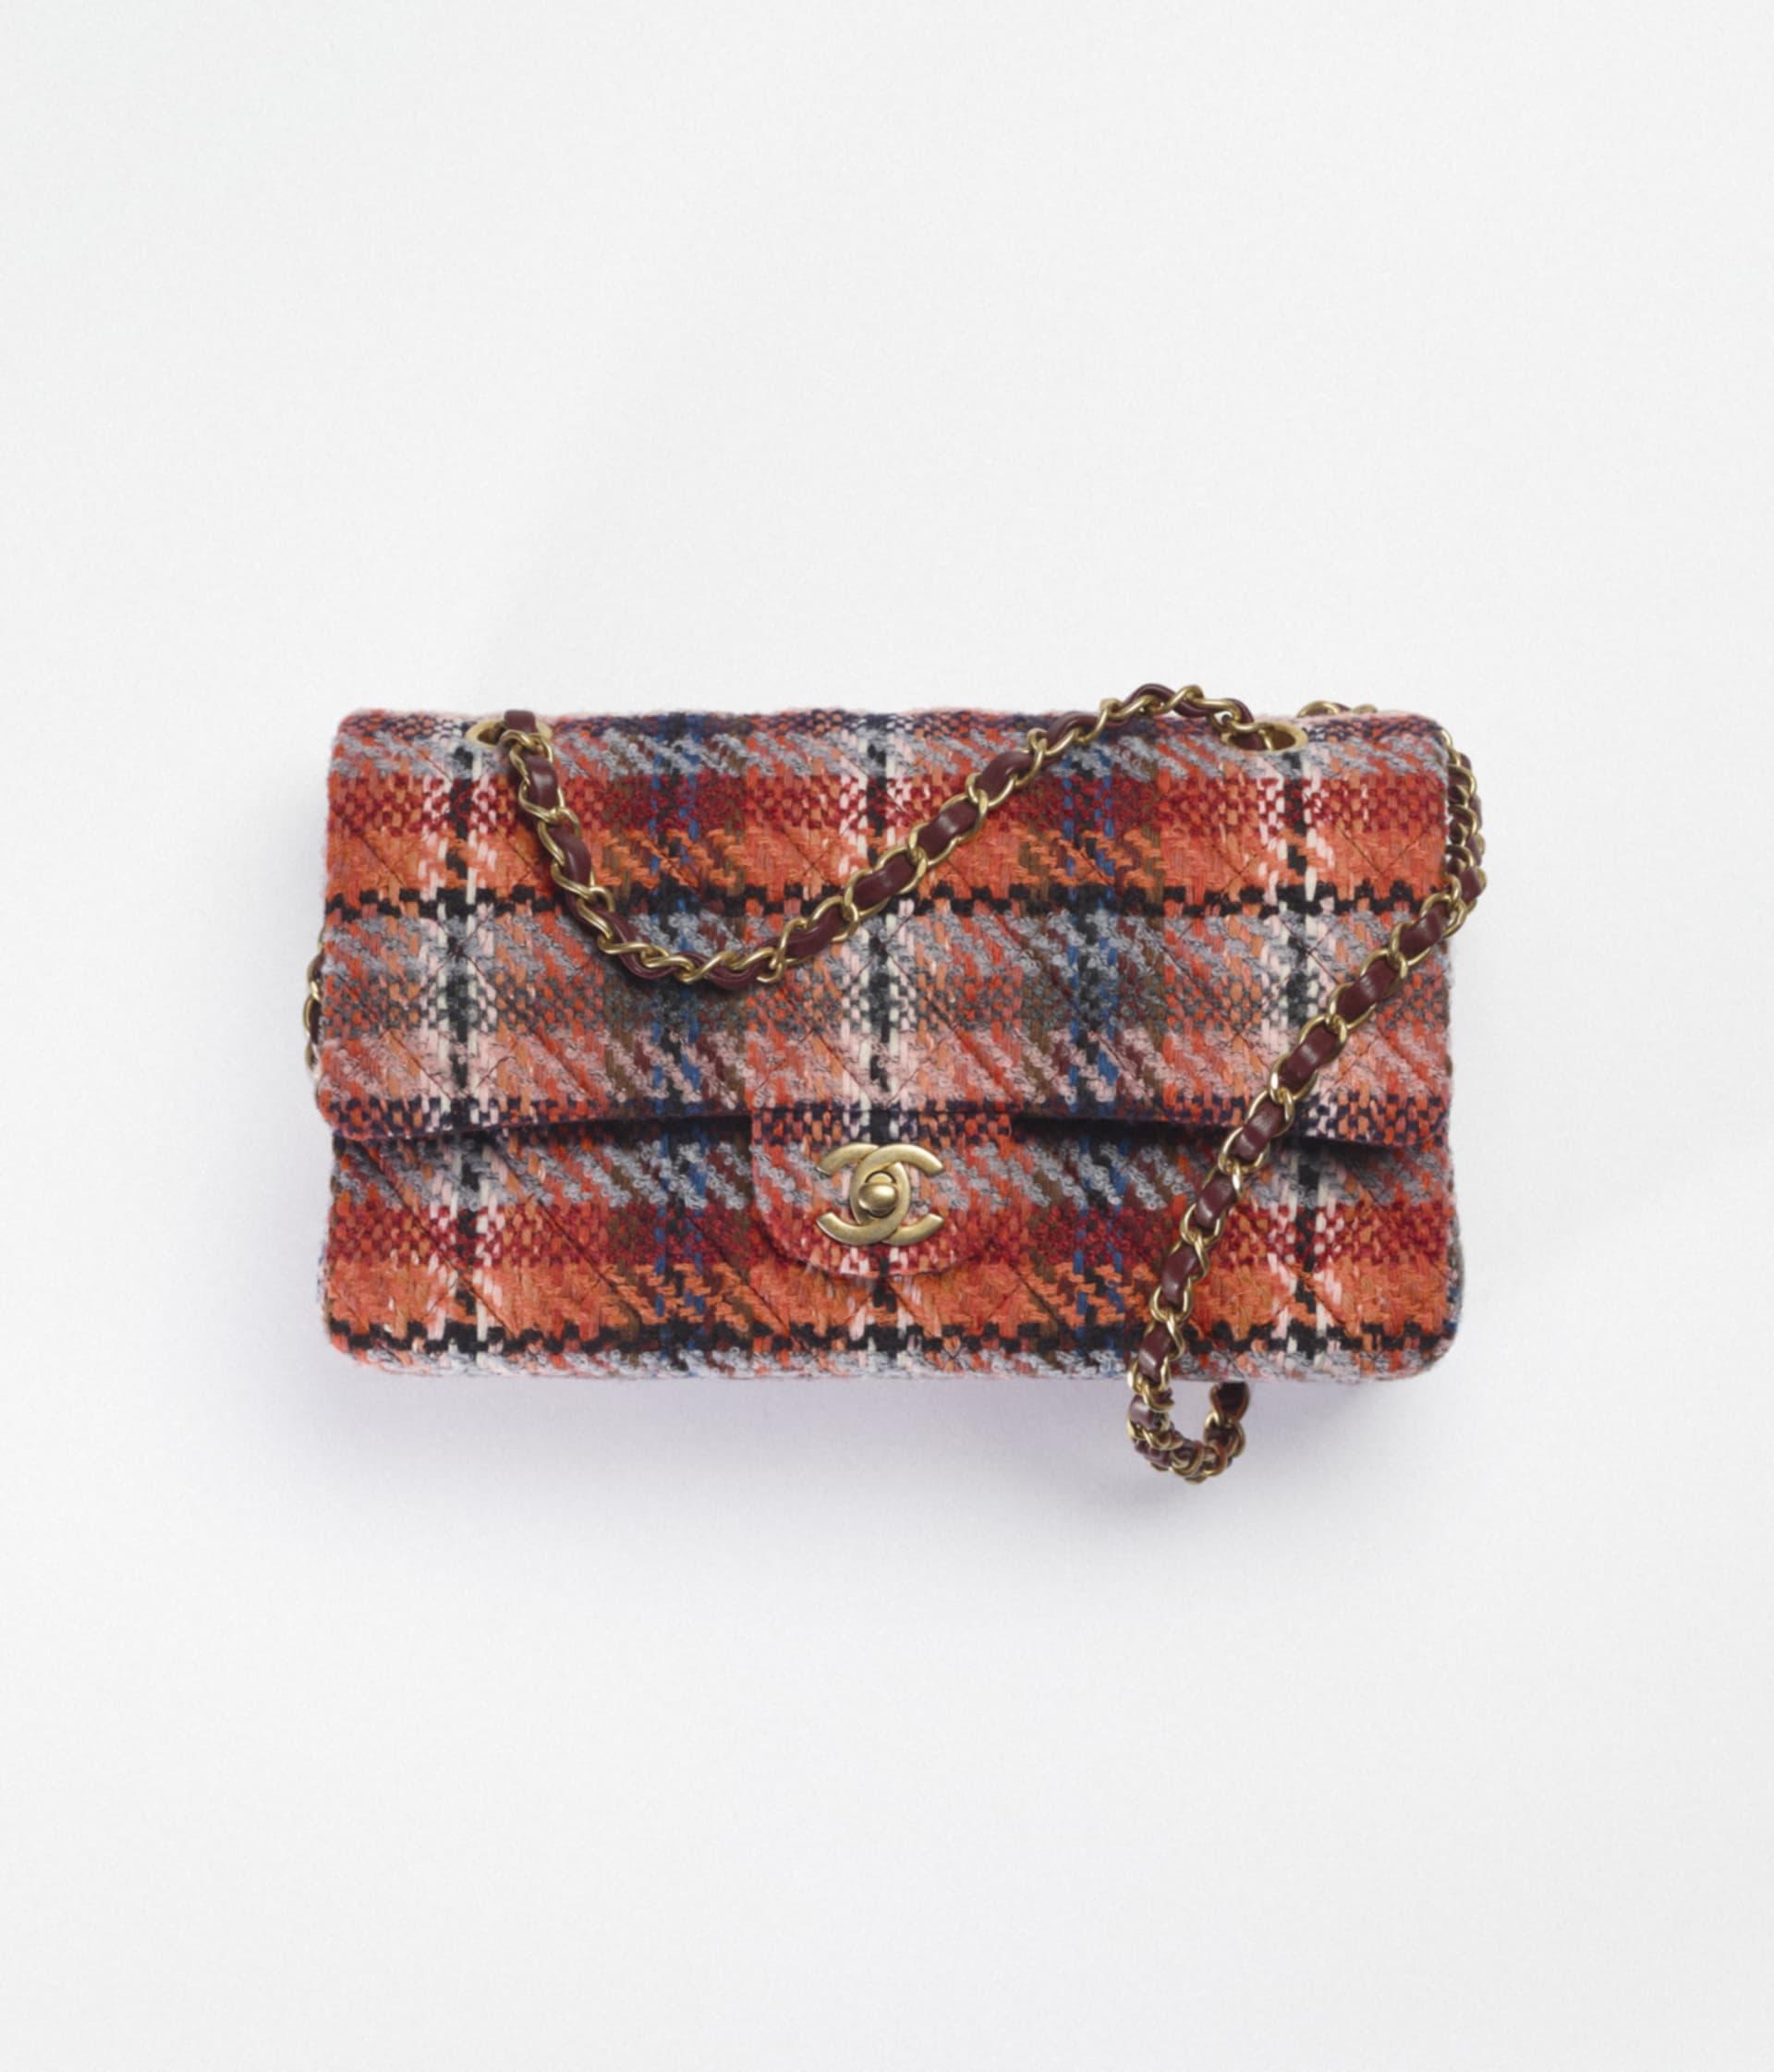 image 1 - Classic Handbag - Tweed & Gold-Tone Metal - Multicolor